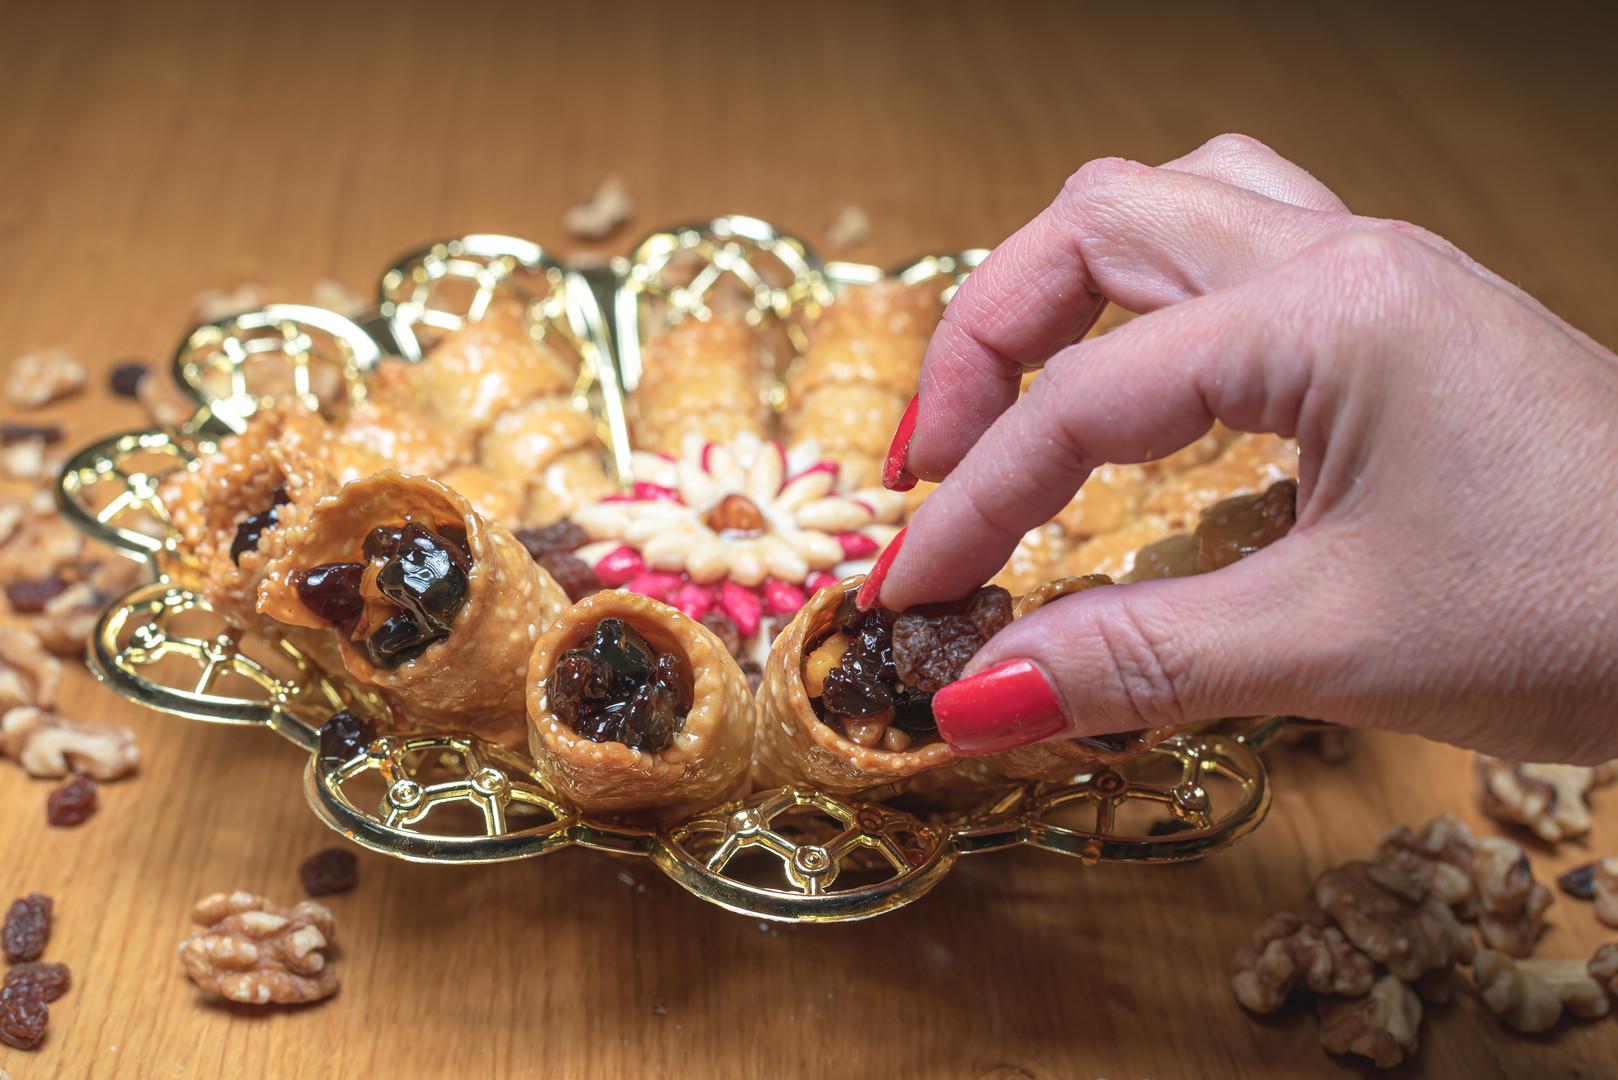 זהרה - עוגיות וקינוחים מרוקאים